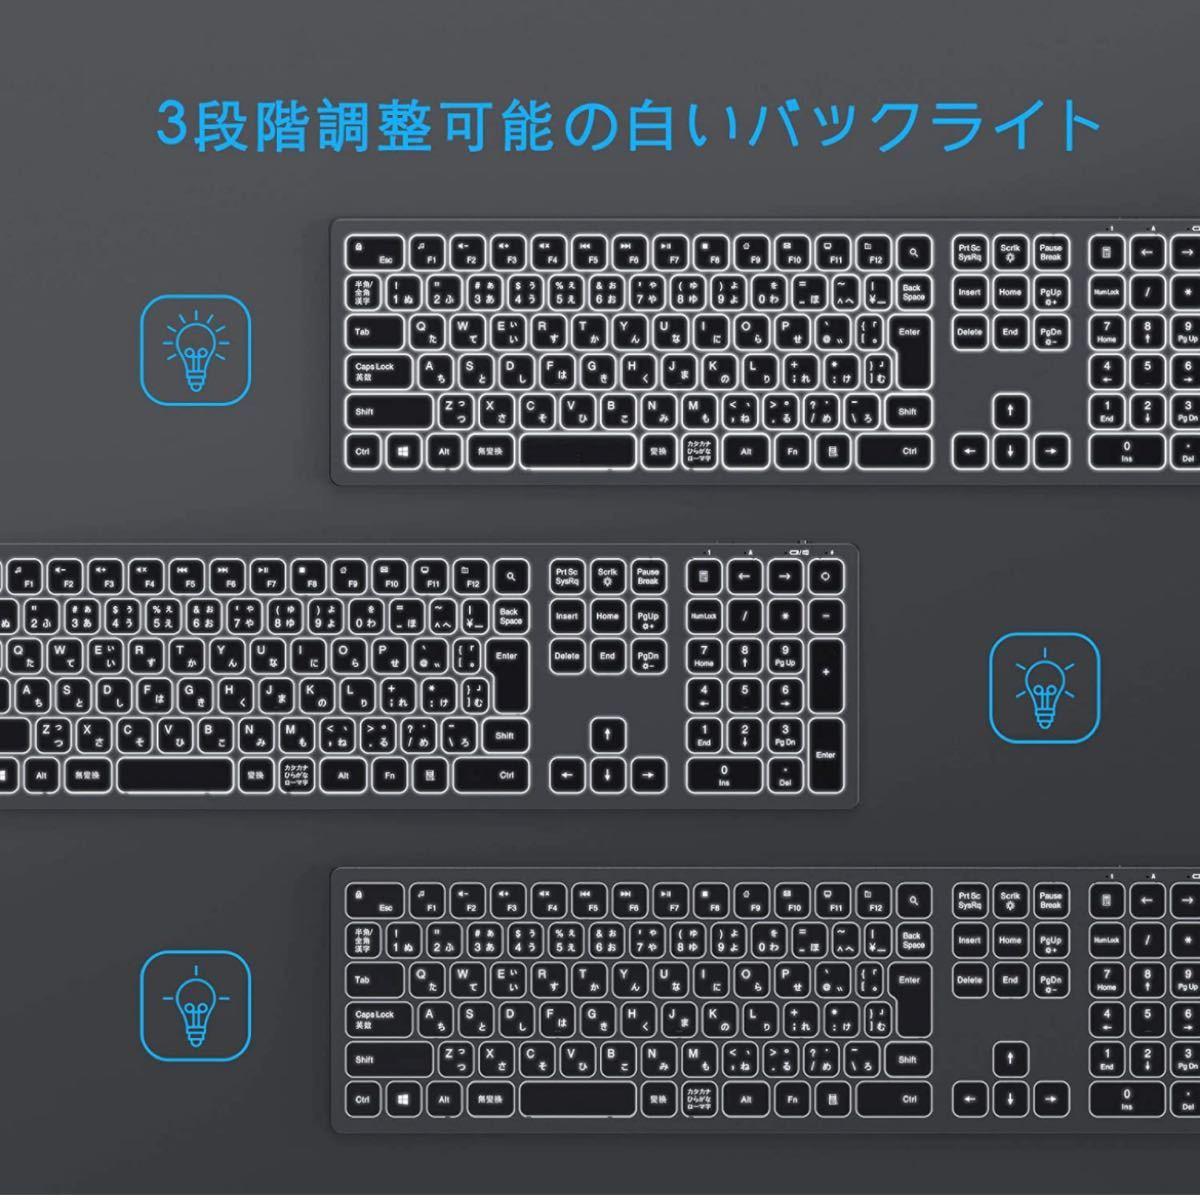 ワイヤレスキーボード マウスセット 白いバックライト付き 日本語配列 静音